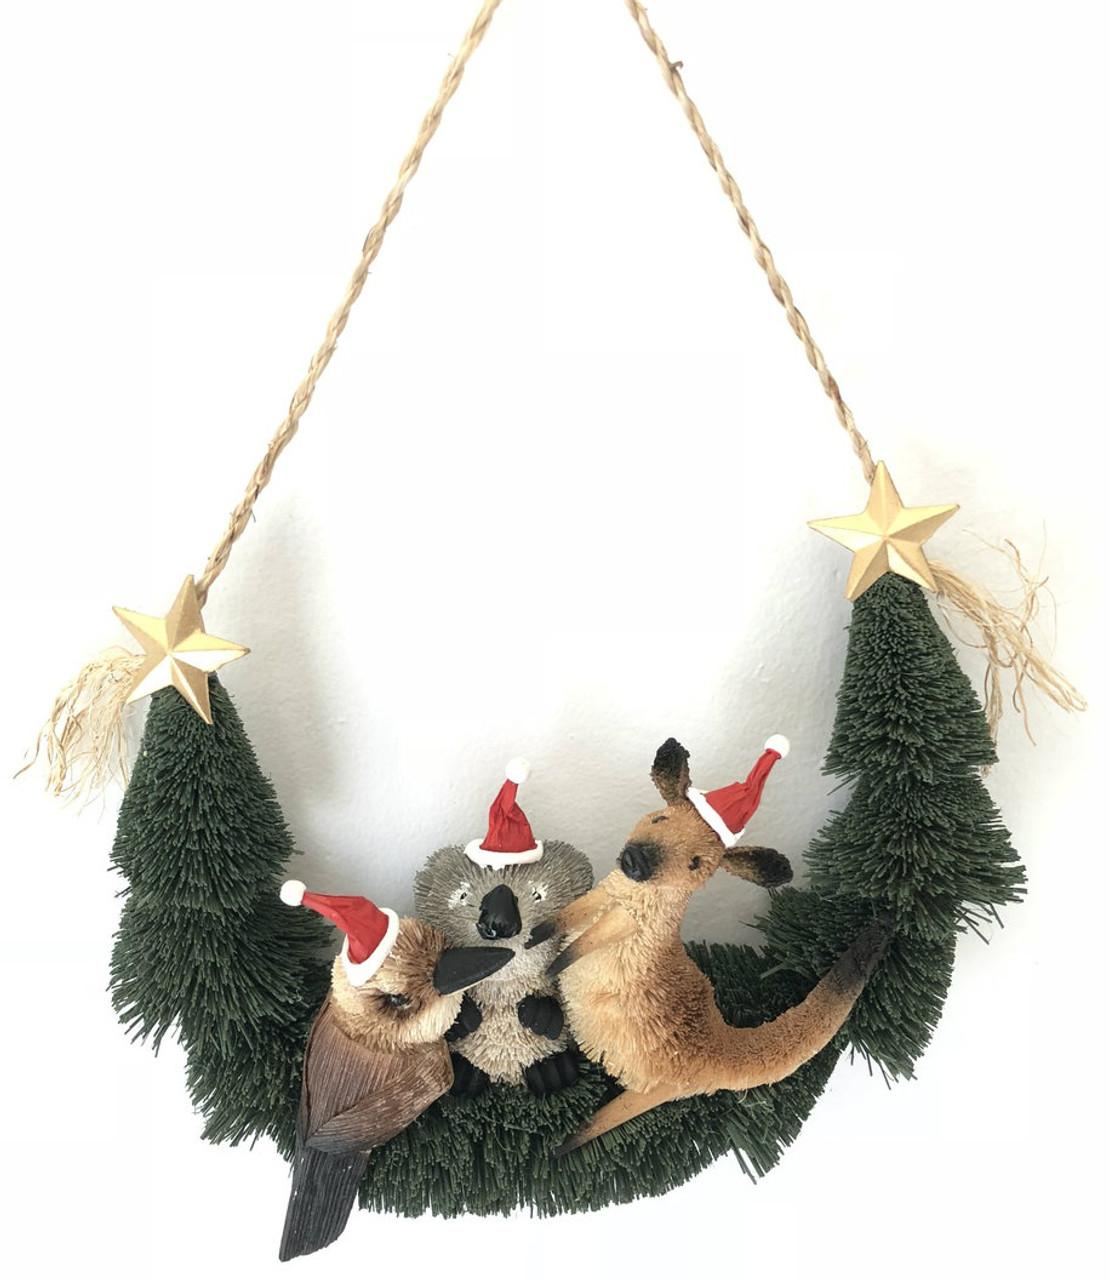 bb-AUSSIE ANIMAL DOOR HANGER - Australian Christmas Door Wreath